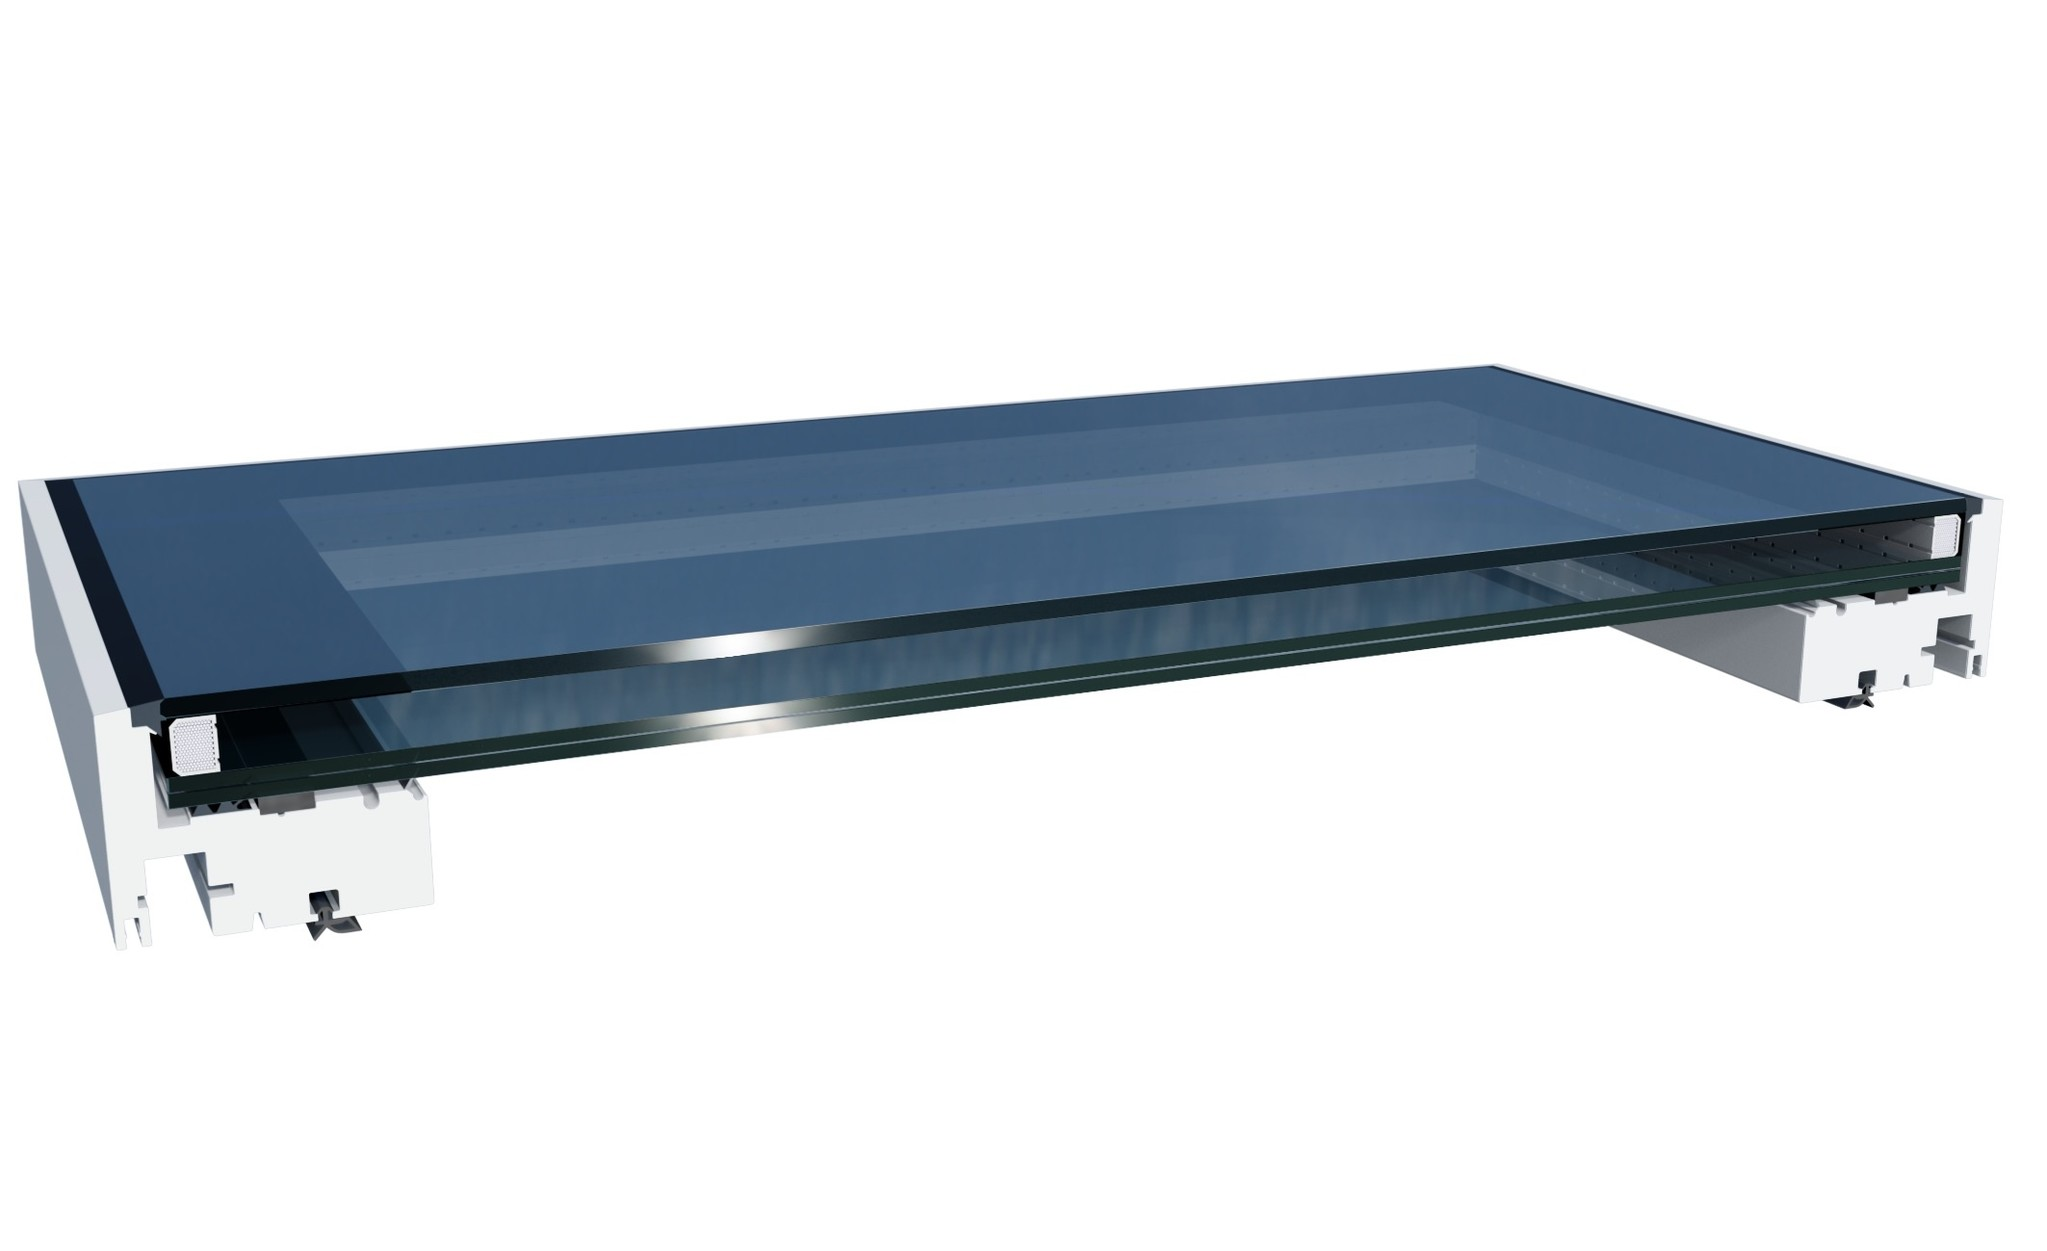 Intura - Lichtkoepel renovatiemodule Intura DGP A1 60x60cm - upgrade oude lichtkoepels